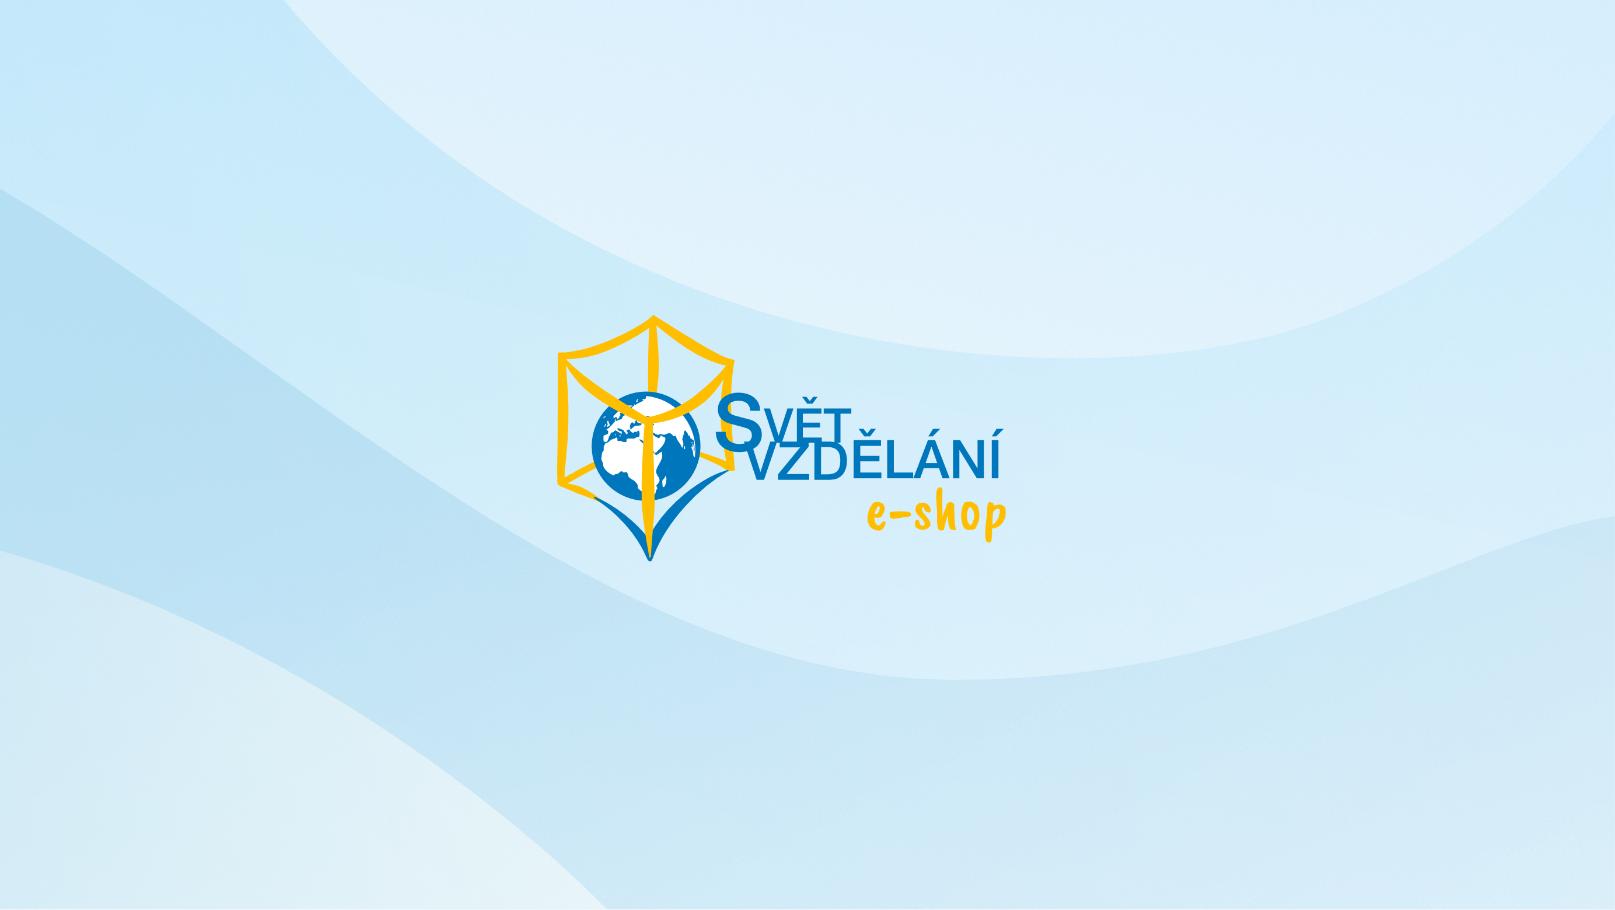 Nový e-shop